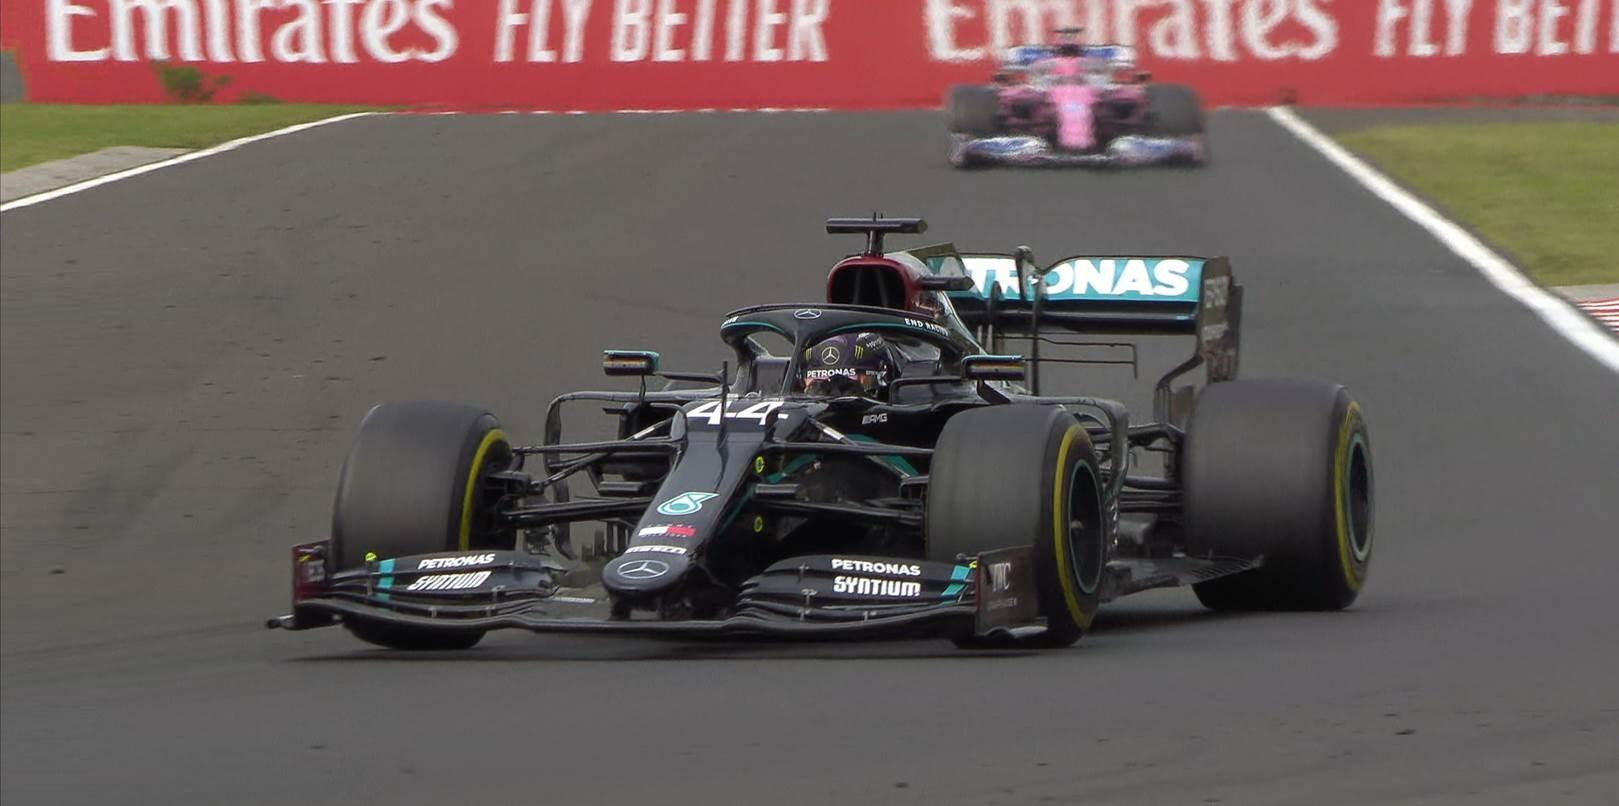 هاميلتون في سباق جائزة المجر الكبرى (تويتر)